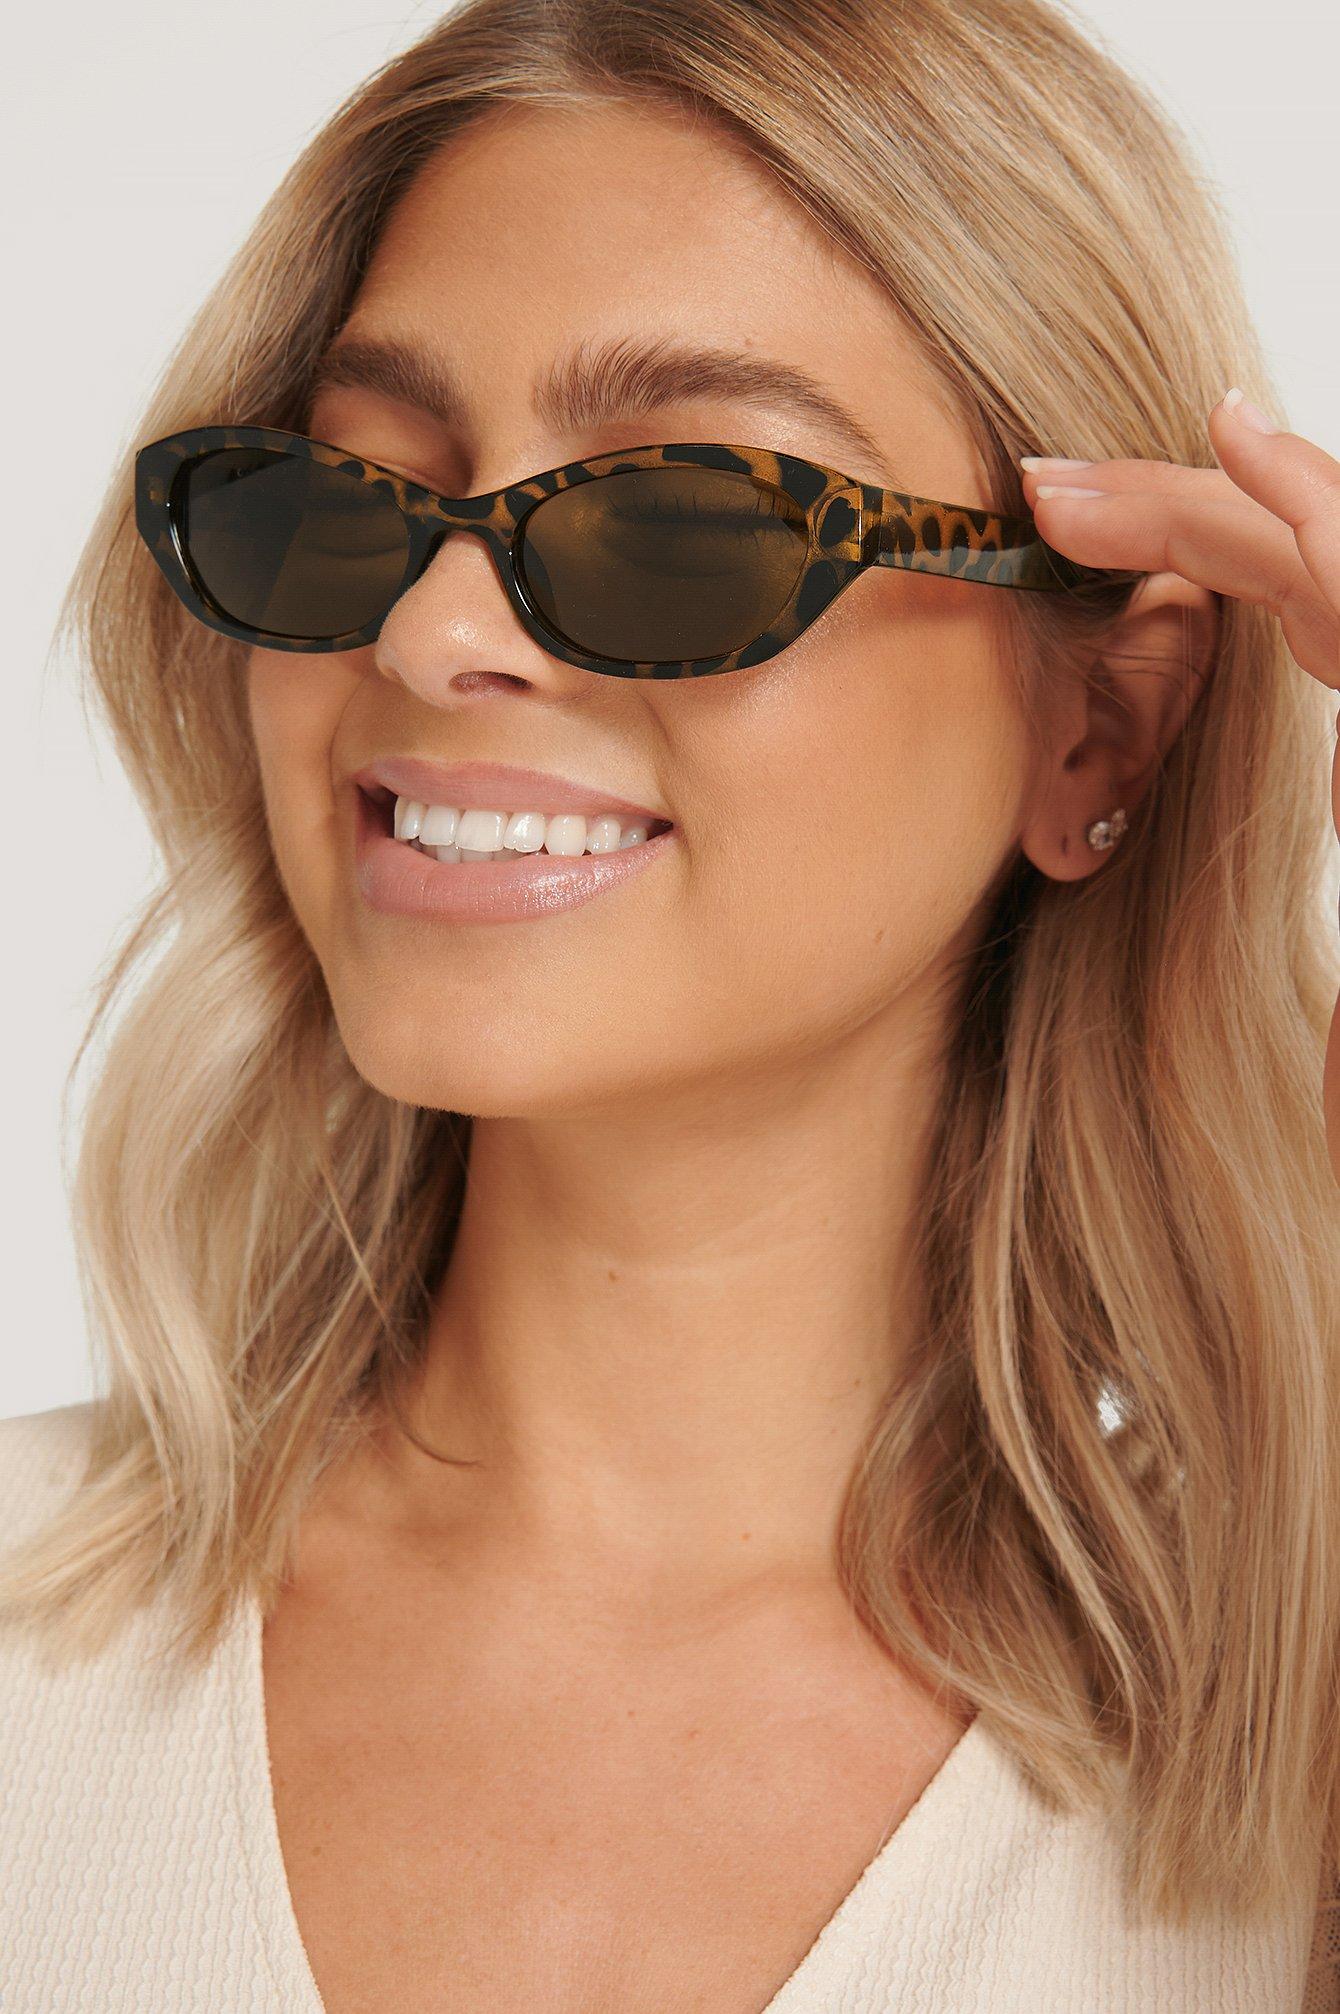 na-kd accessories -  Breite Sonnenbrille Im Retro-Look - Brown